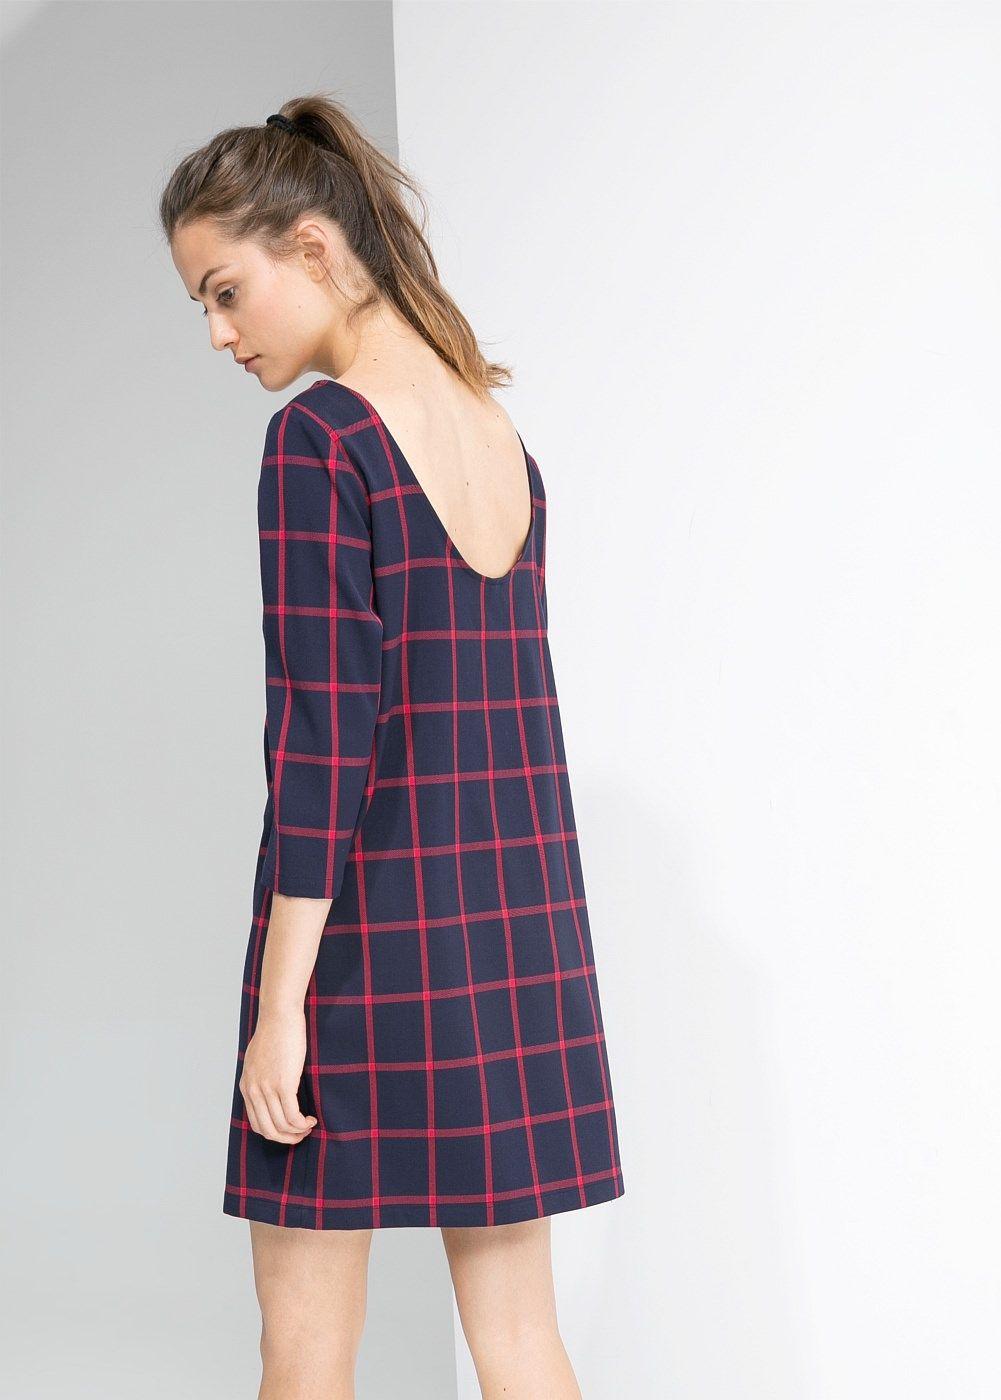 Vestido recto cuadros - Mujer | Vestido recto, Cuadro y Vestiditos